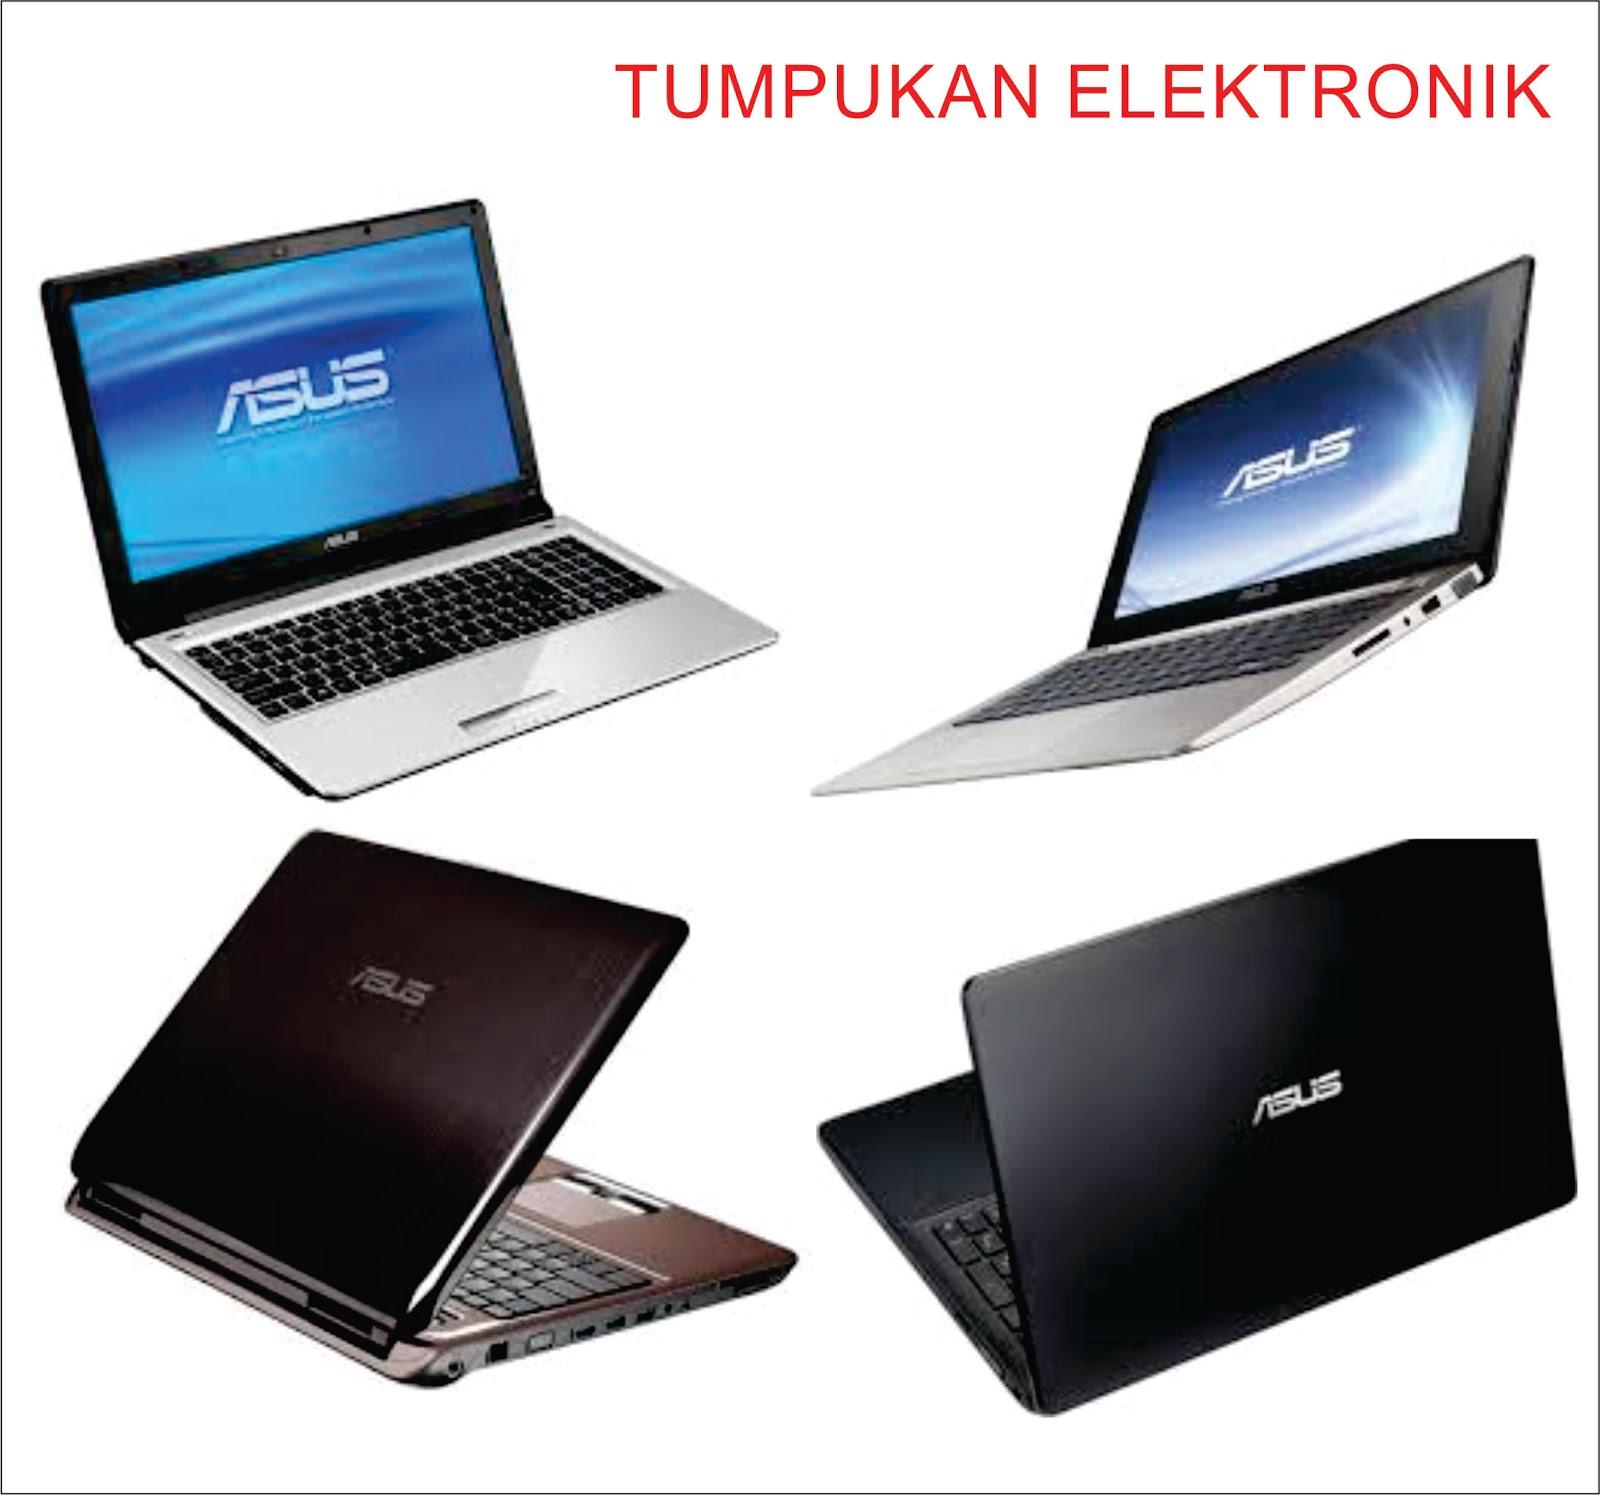 Harga Dan Spesifikasi Lapotop Asus Terbaru Maret 2016 Hiburan 50000 X550jx Xx031d Banyak Di Cari Indonesia Sudah Sangat Kenal Masyarakat Hampir Semua Menggunakan Laptop Karena Toko